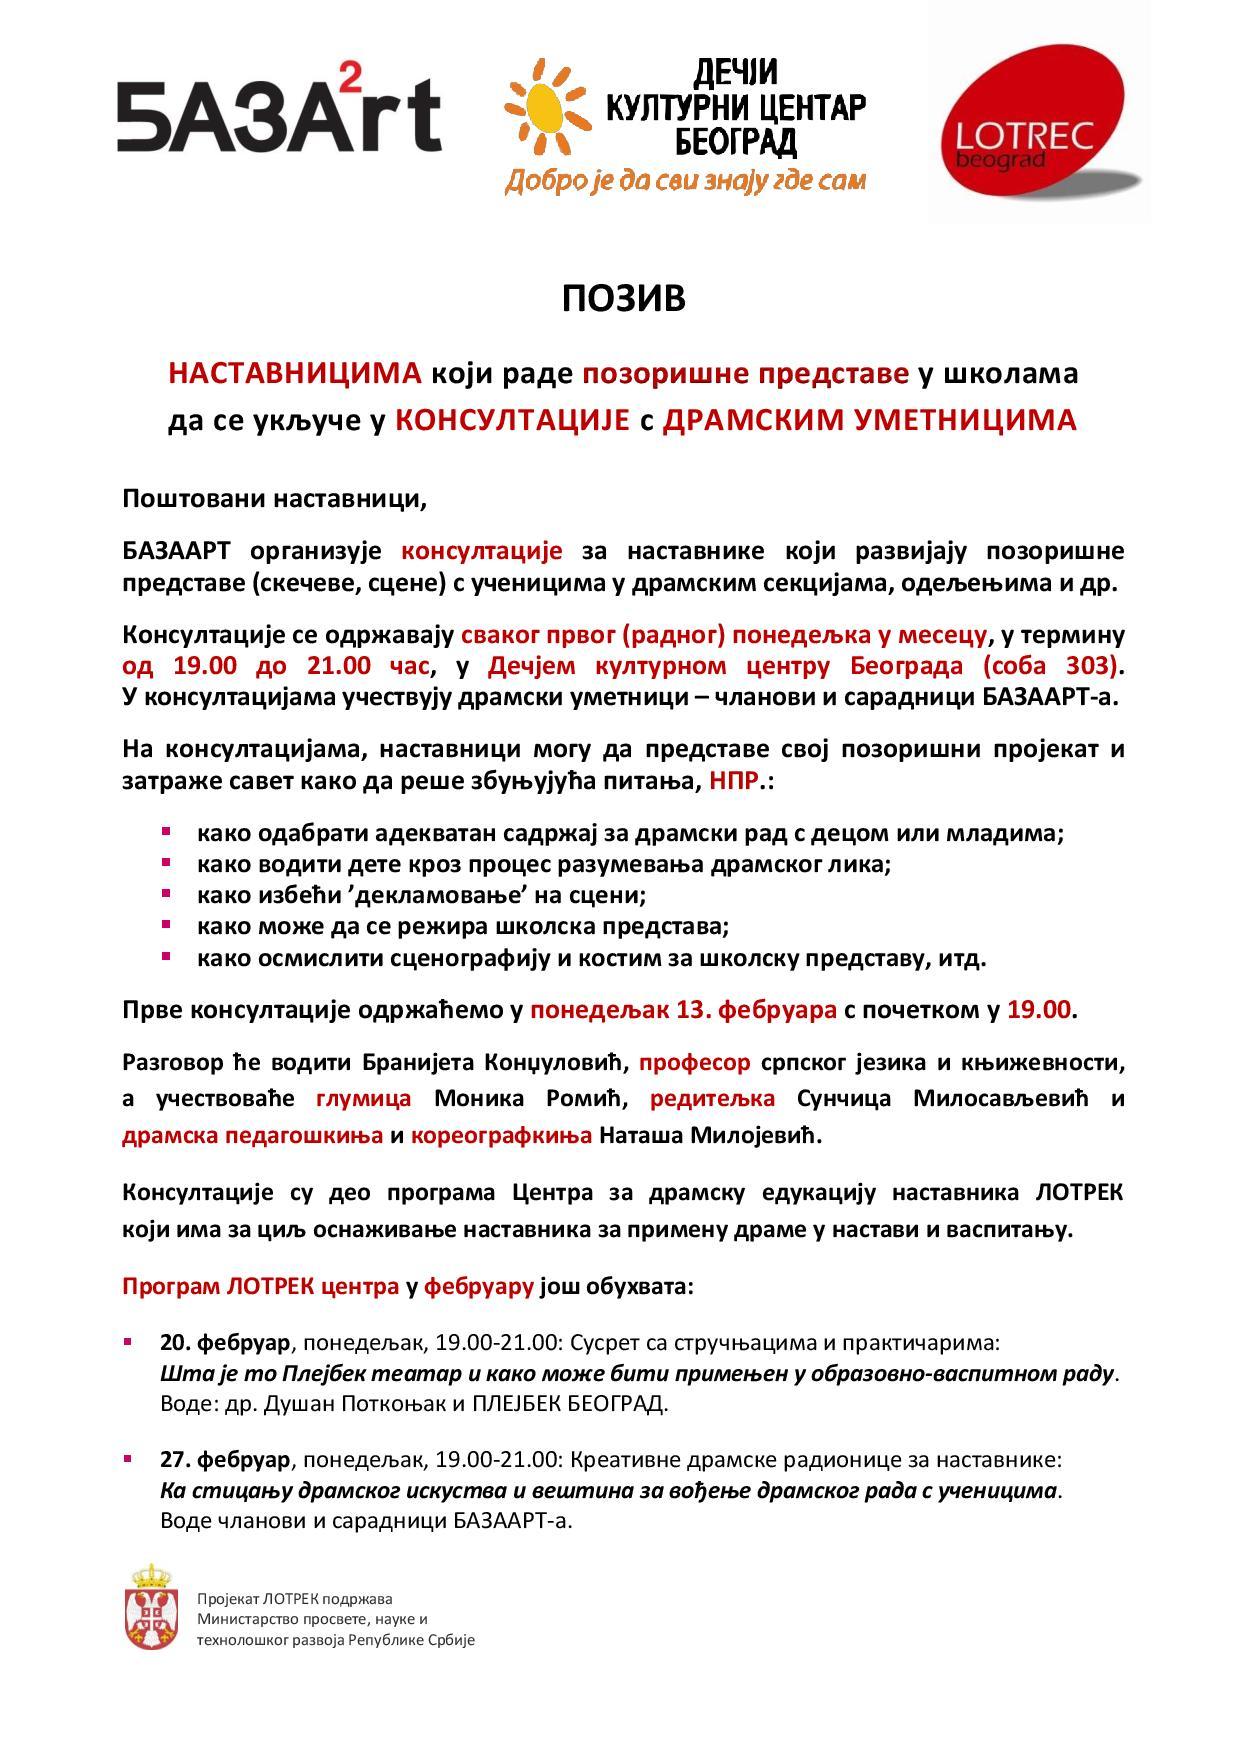 Poziv opšti KONSULTACIJE BAZAART DKCB 13feb17-page-001